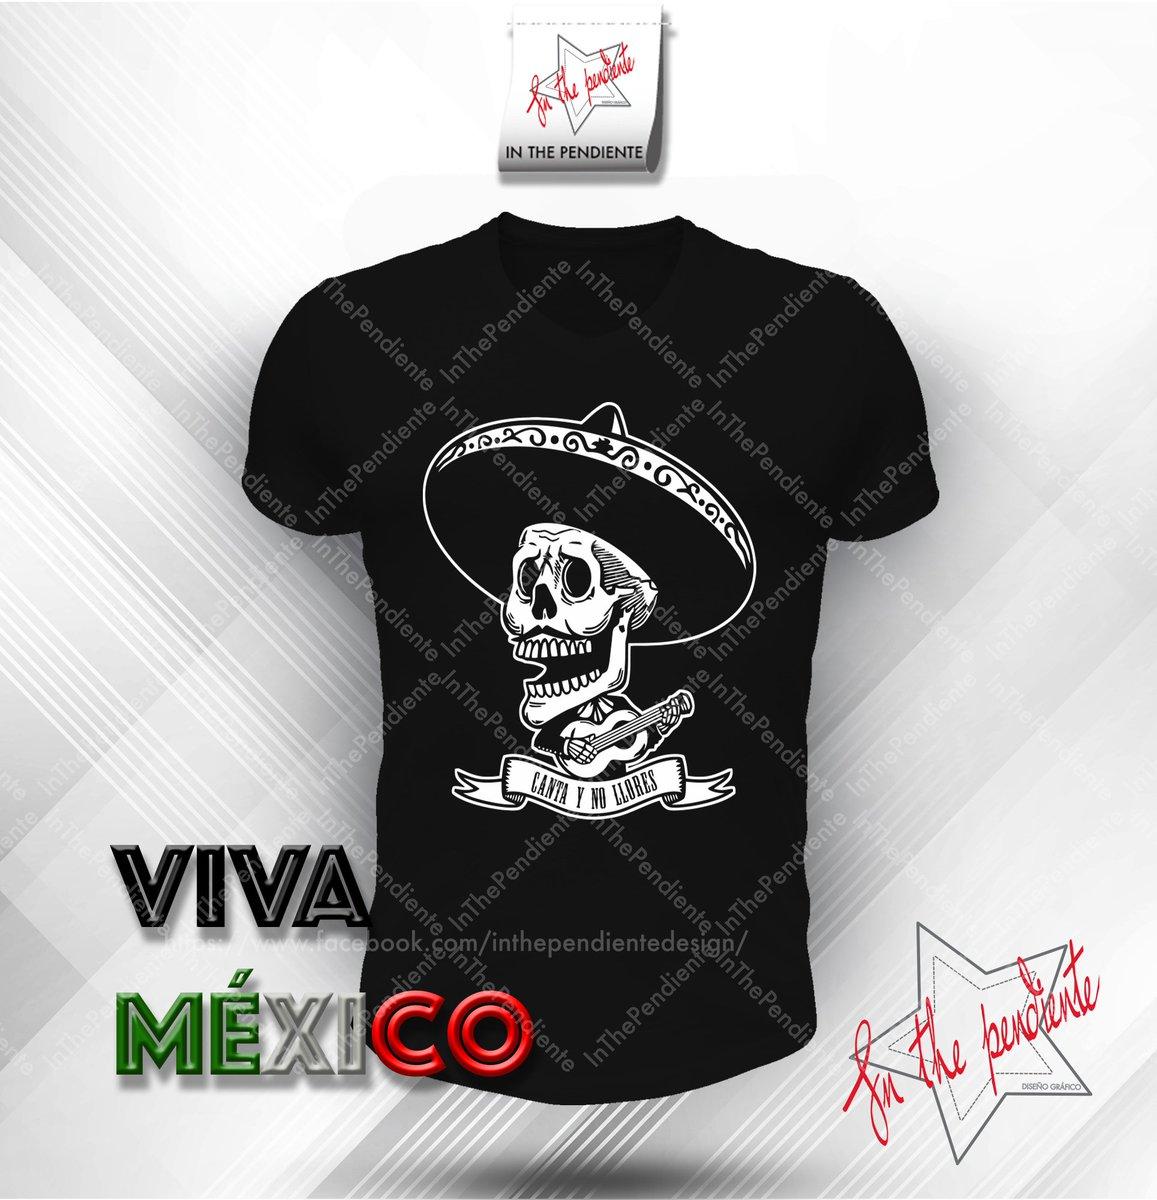 Viva mexico canta u no llores t shirt